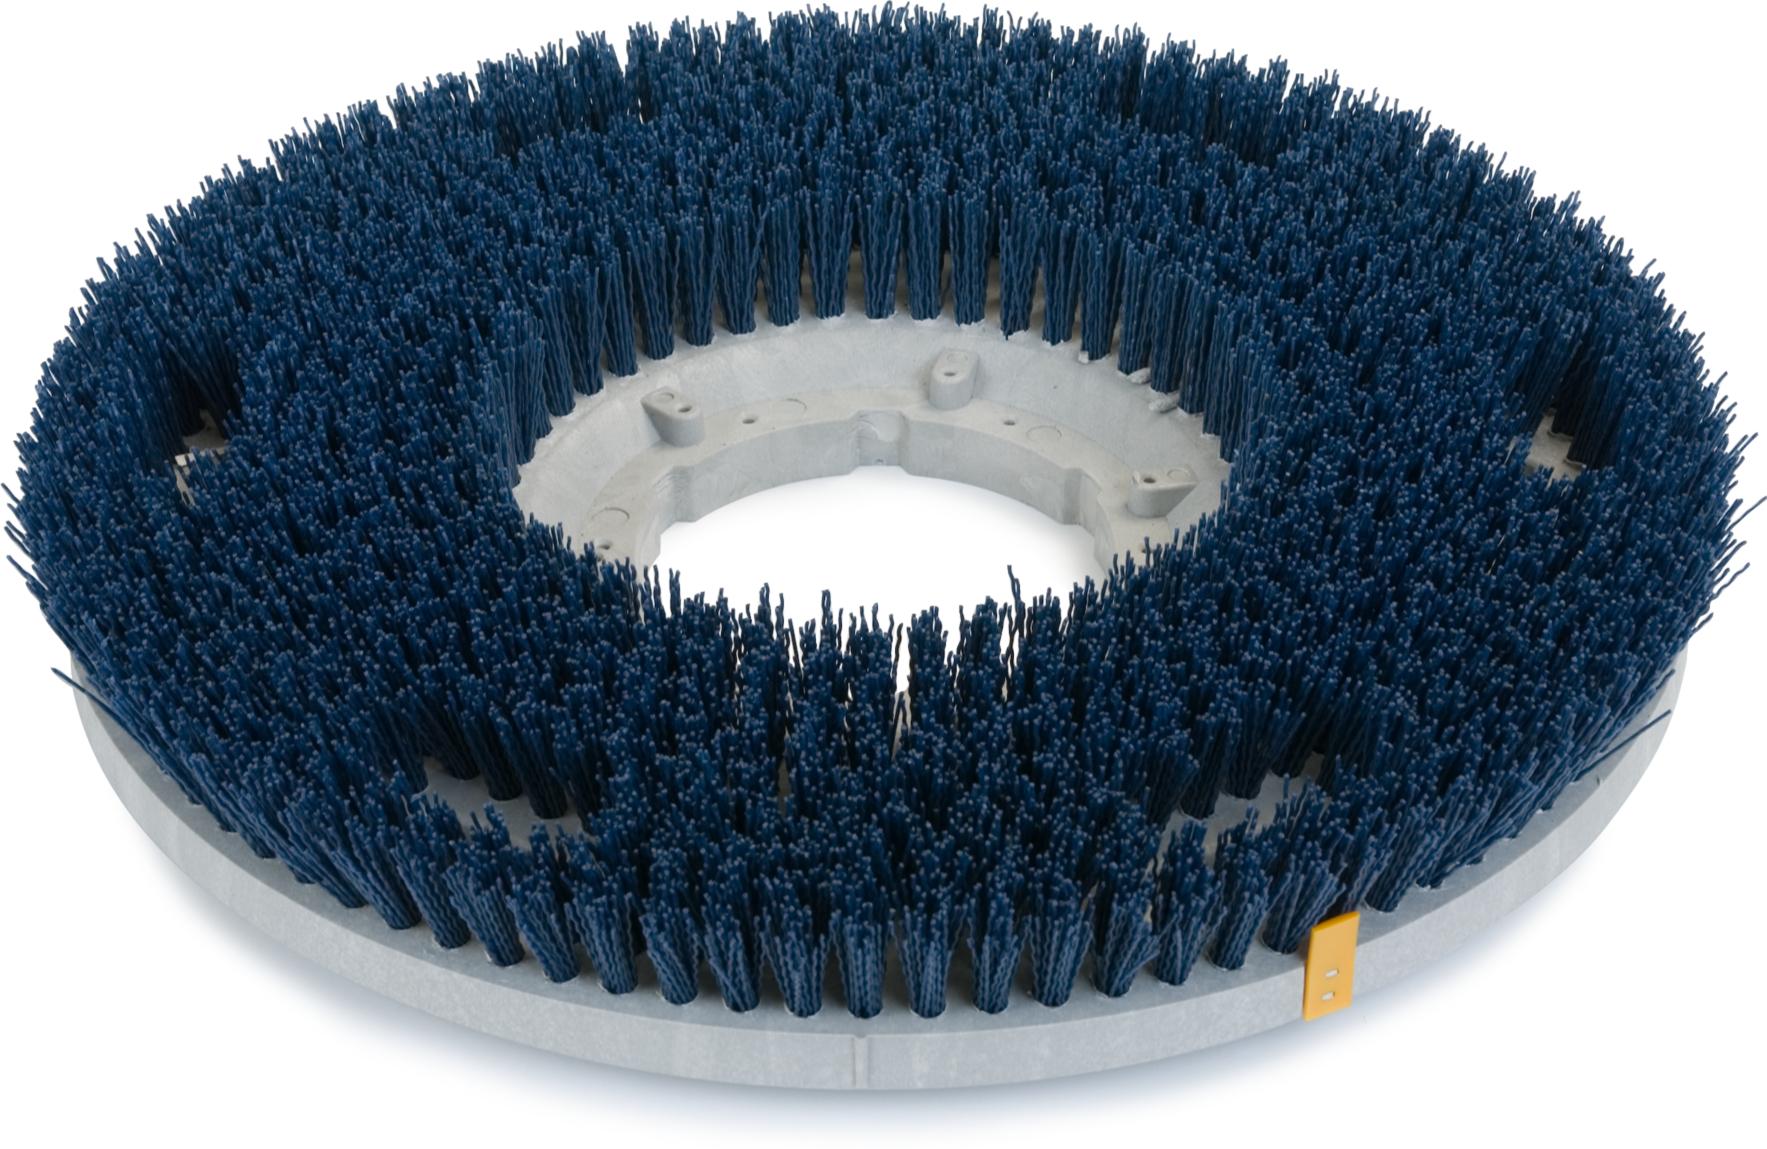 Colortech Blue Aggressive Scrubbing Grit Brush 16 - Blue